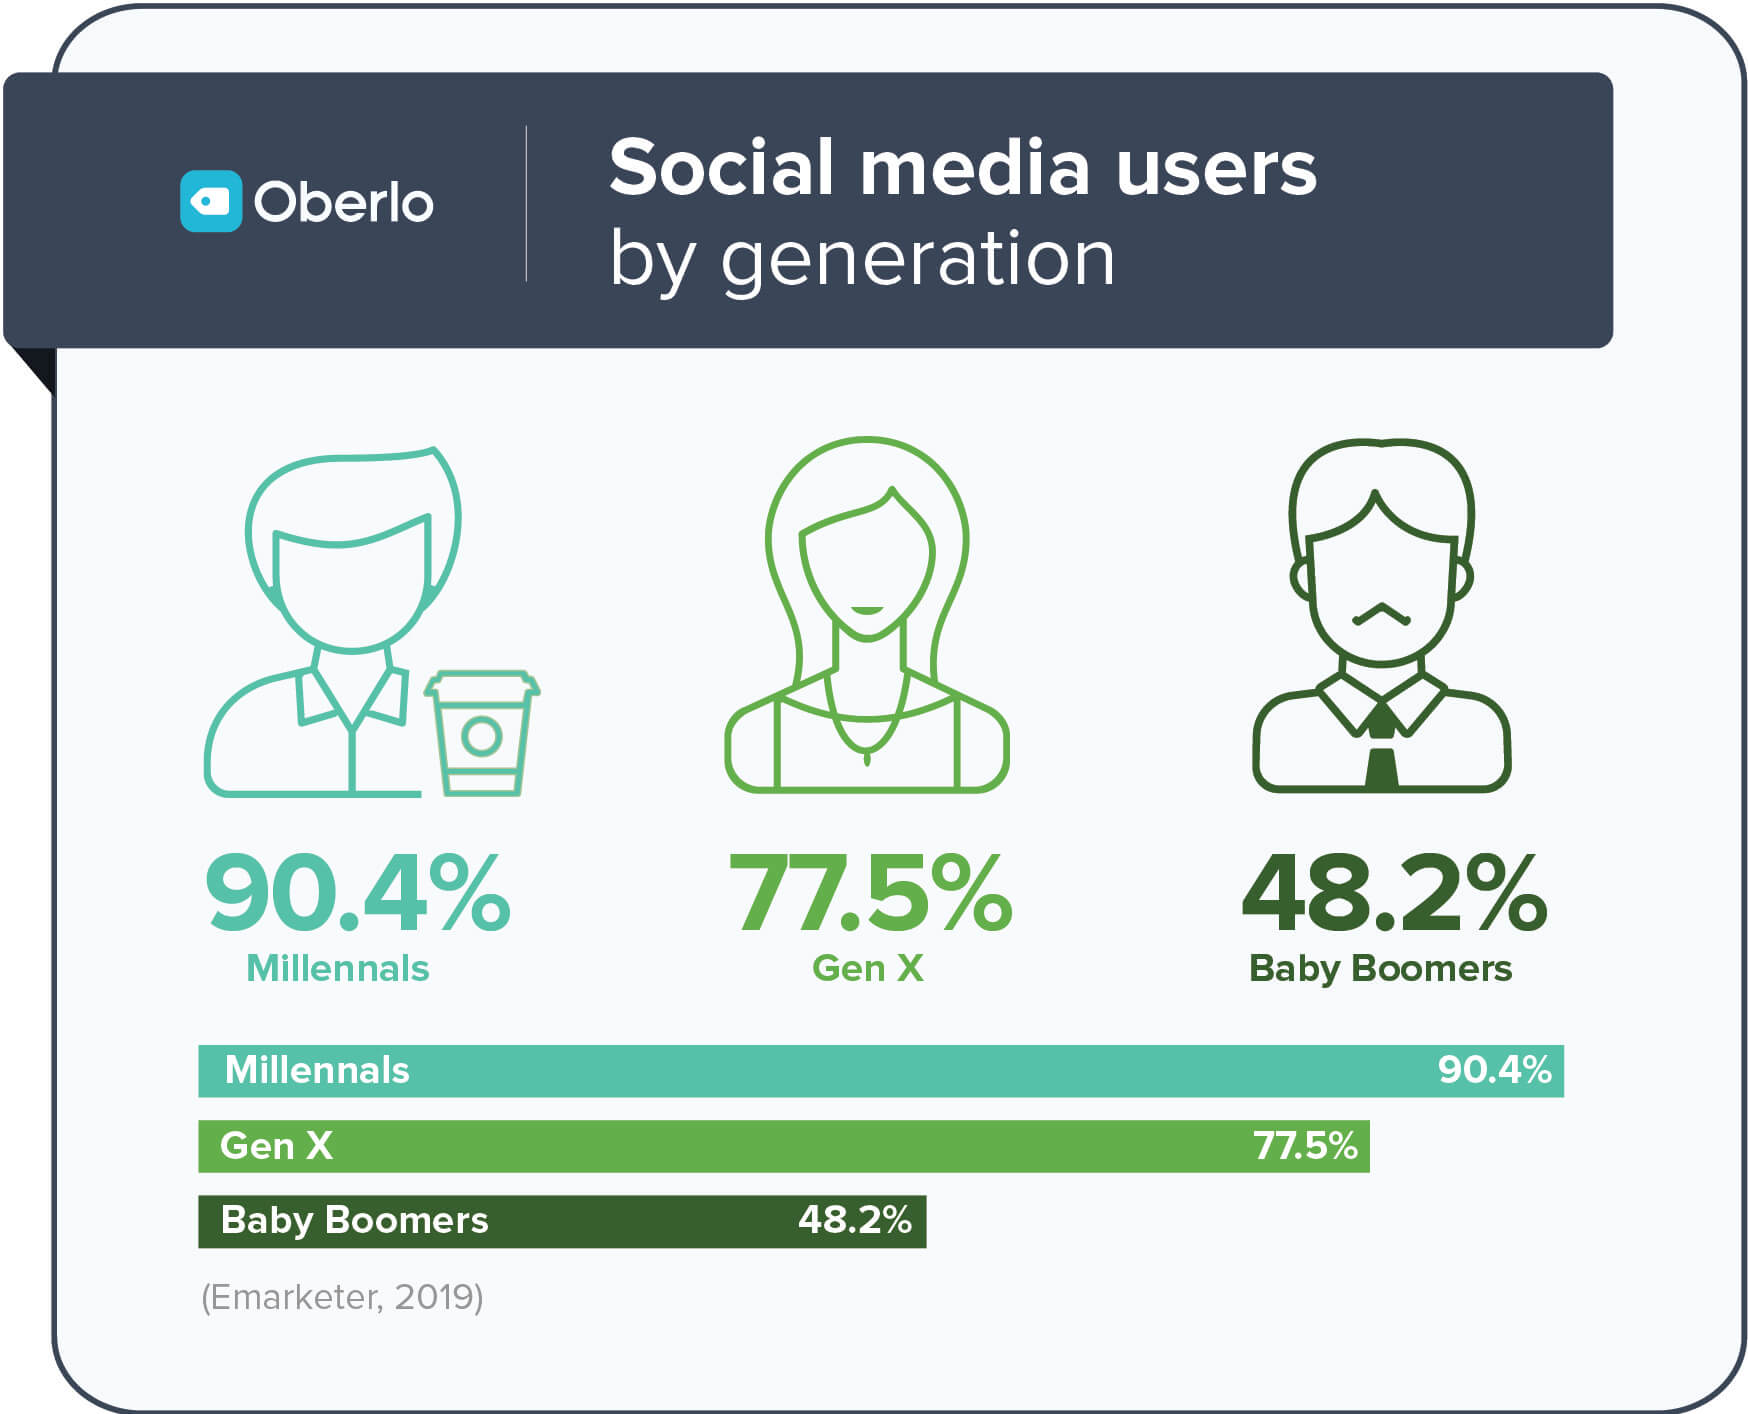 millennials of social media